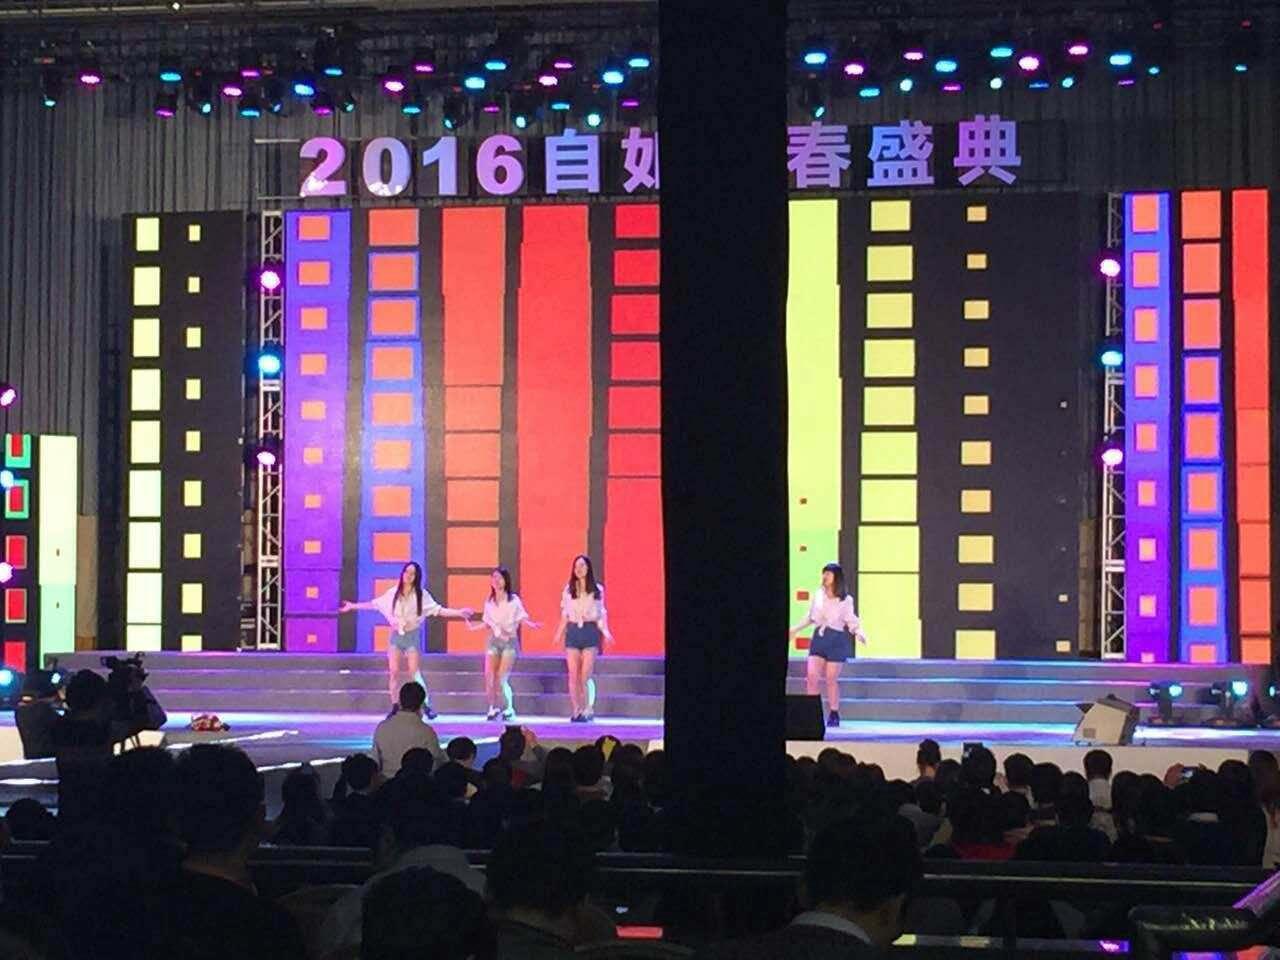 舞台背景LED显示屏